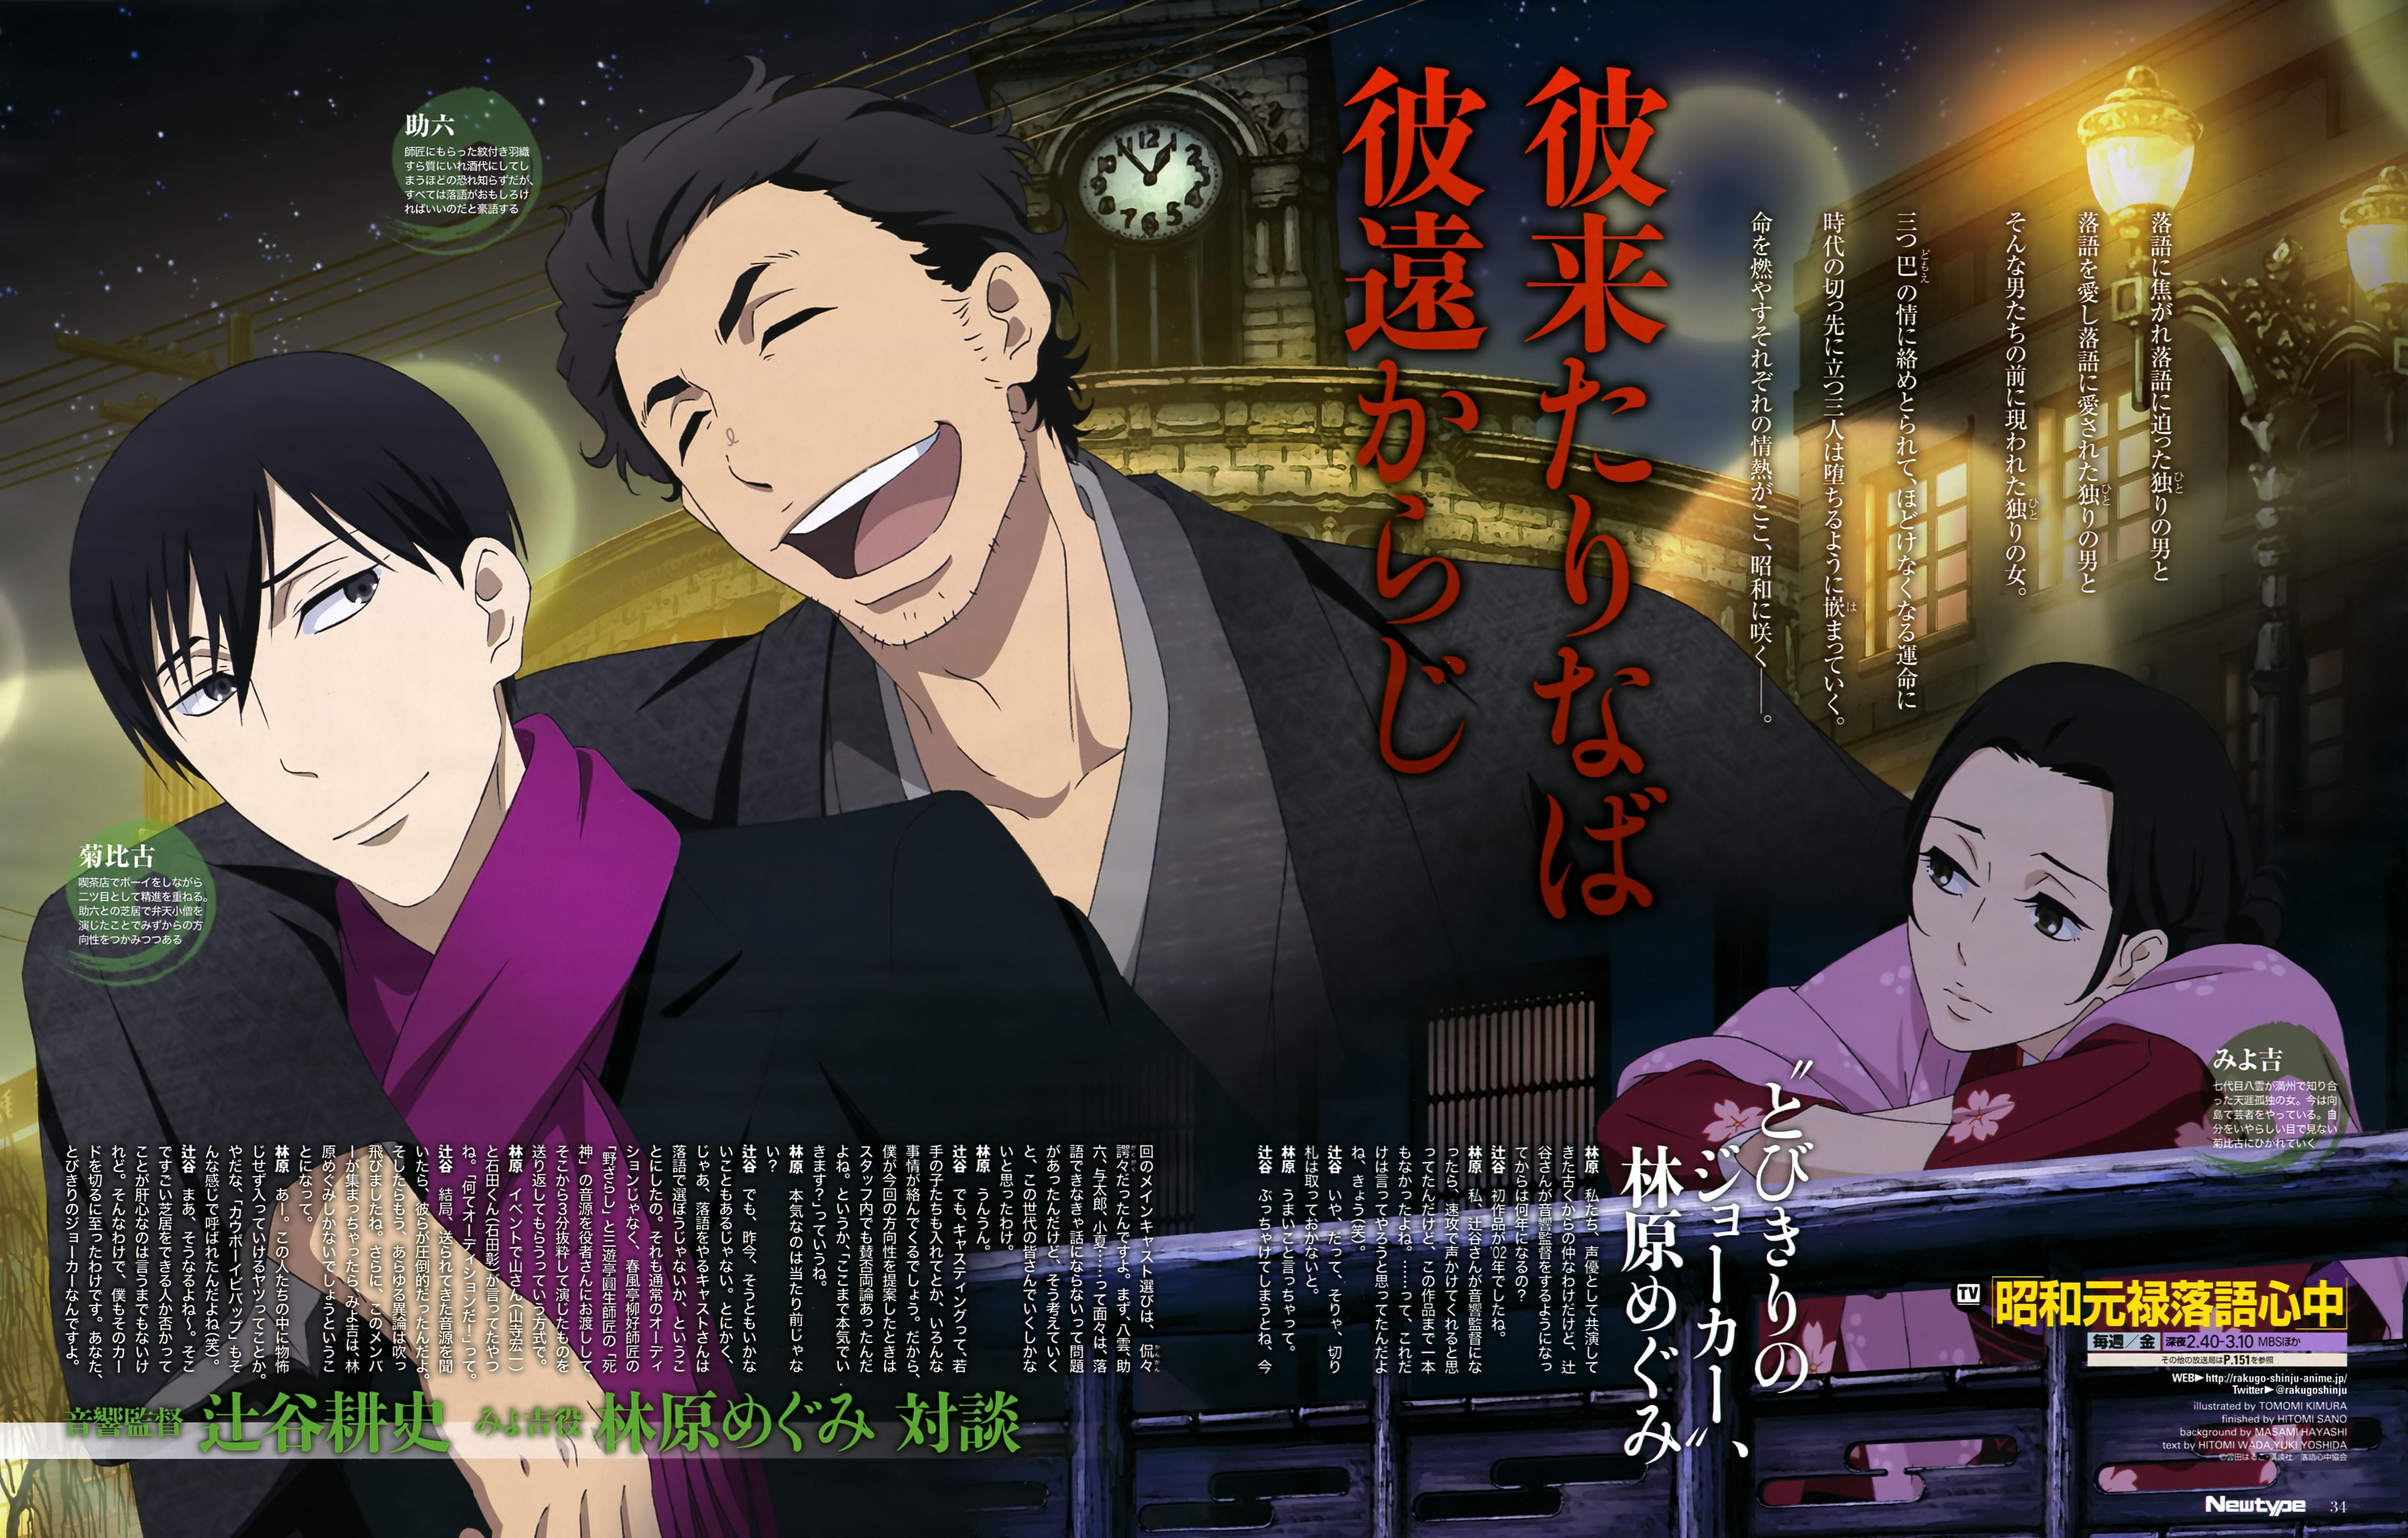 Descending Stories Showa Genroku Rakugo Shinju Wallpapers